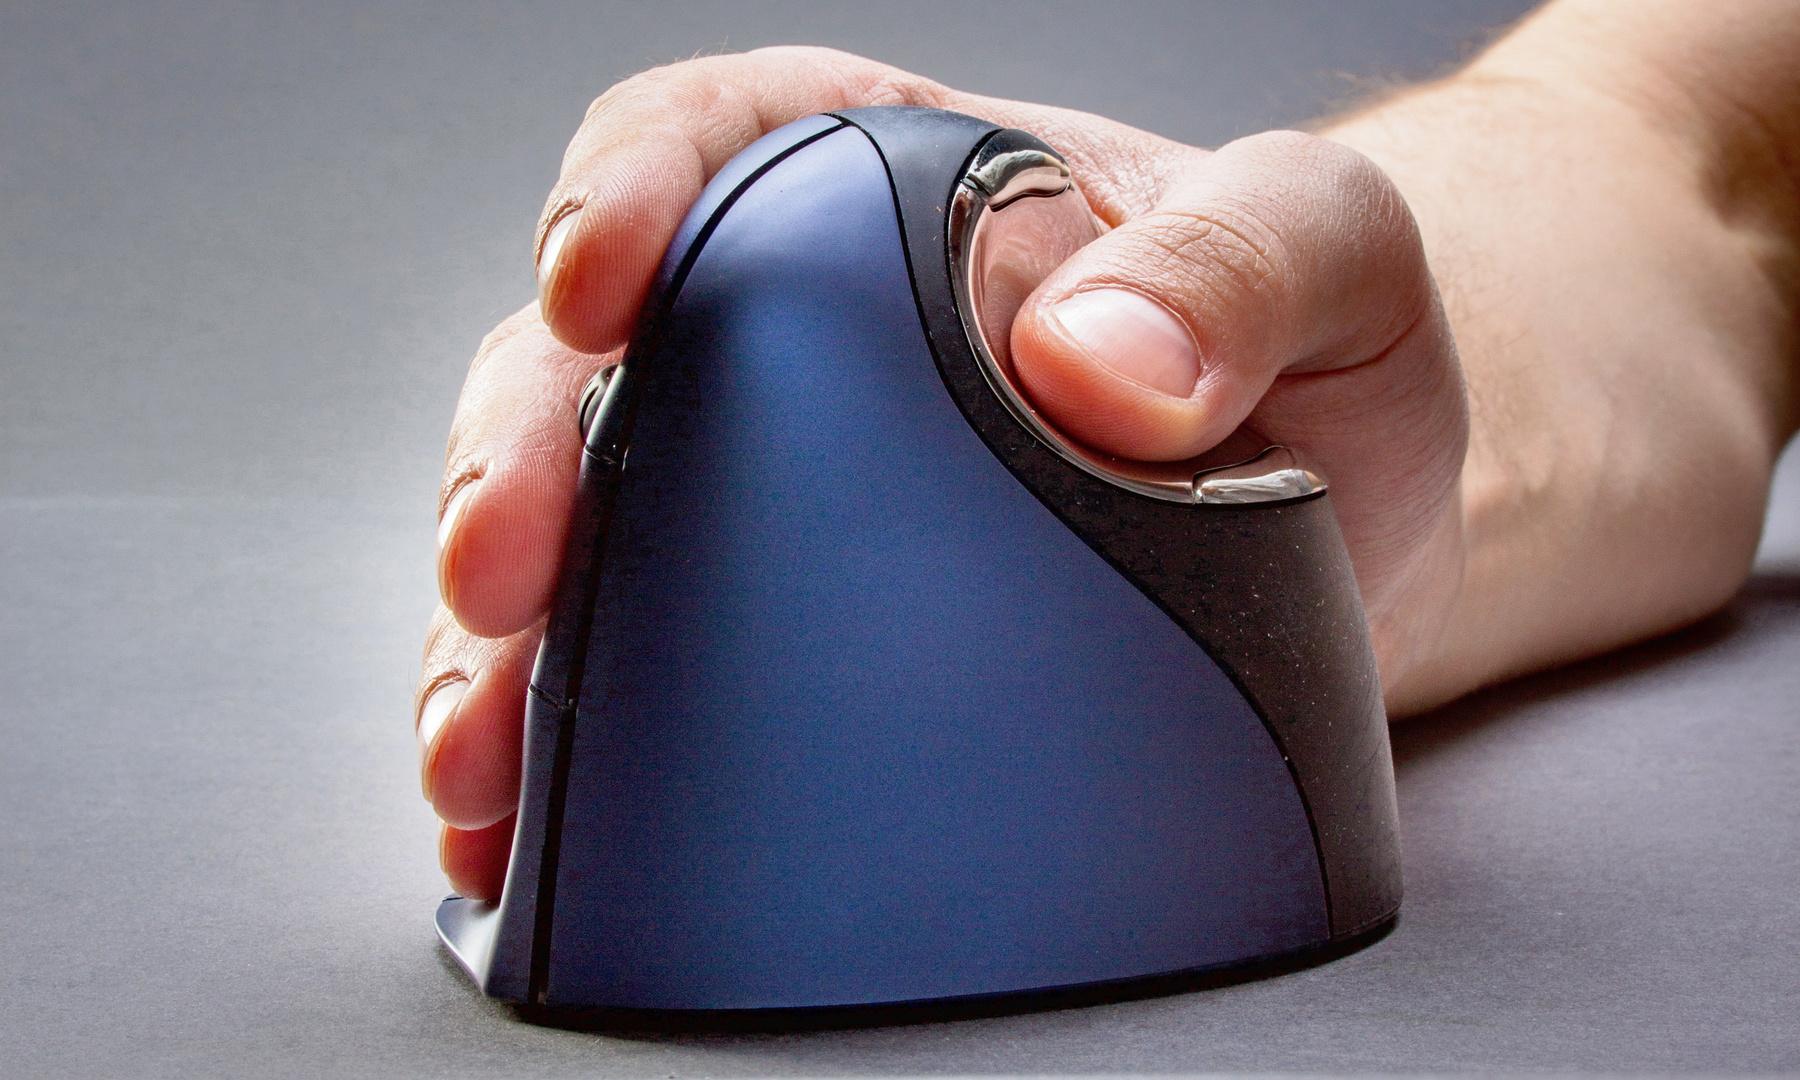 Verticaal muizen: 14 ergonomische muizen getest Hardware Info